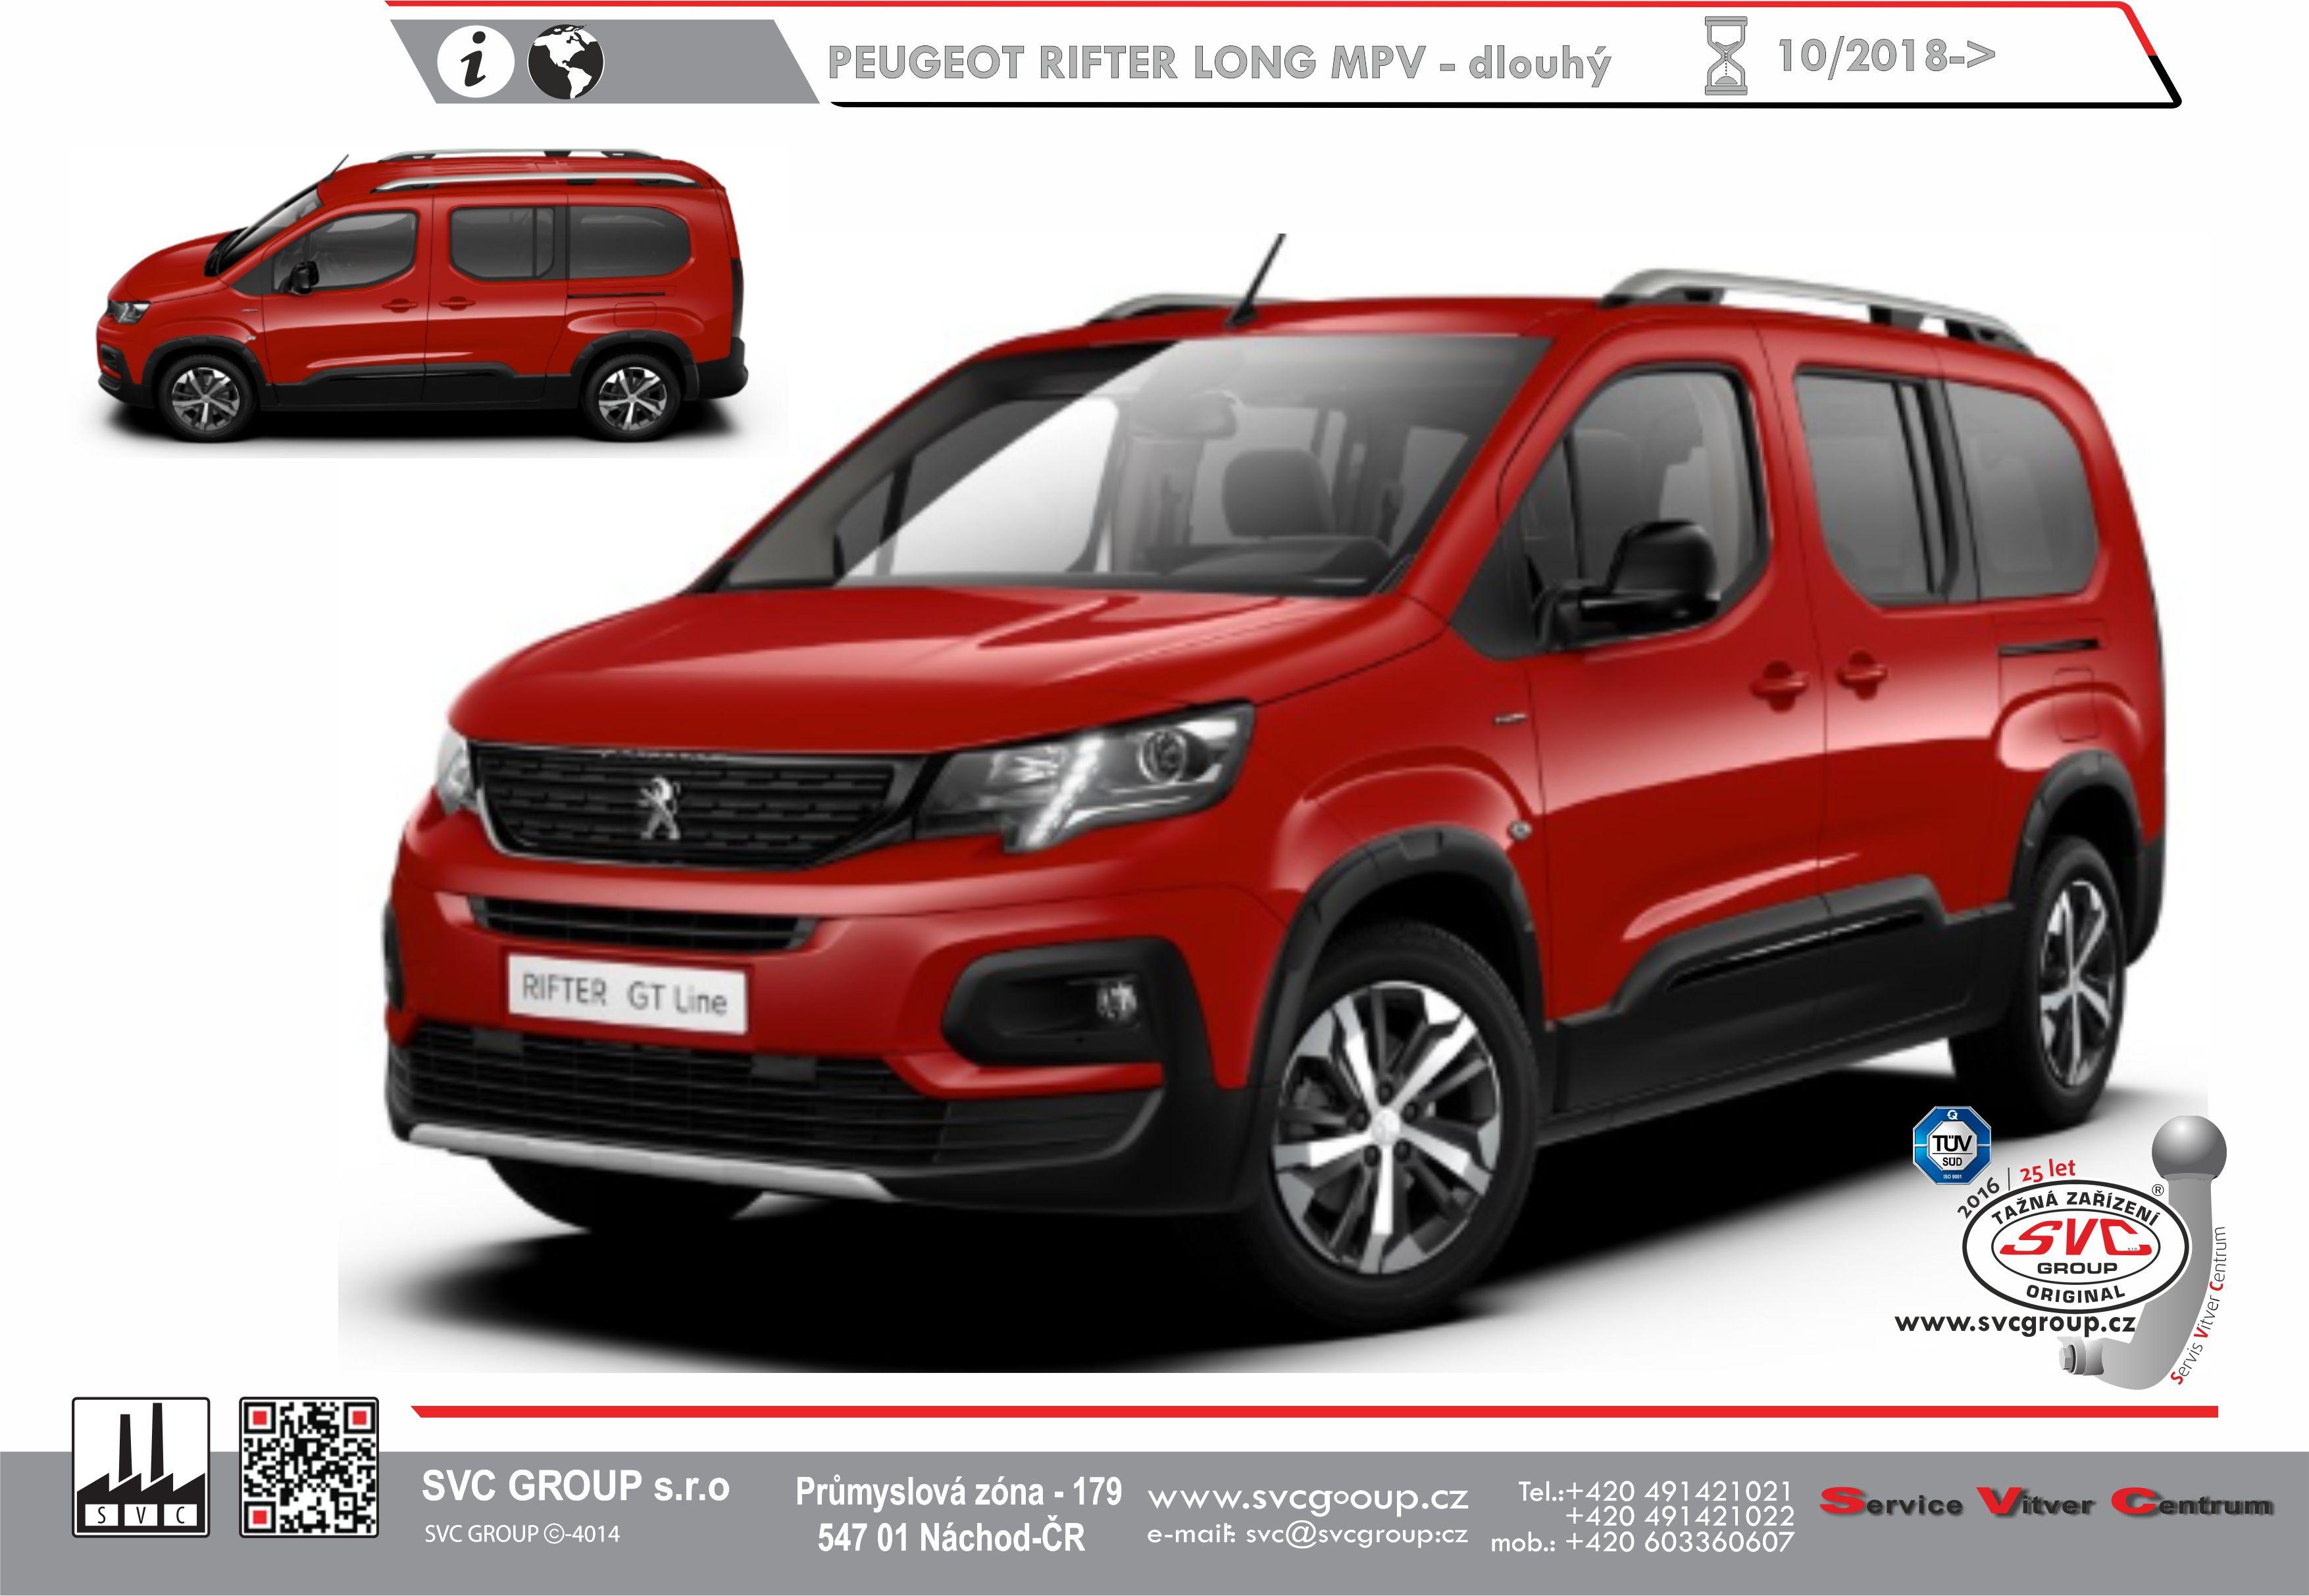 Peugeot Rifter Prodloužené L2 / Long